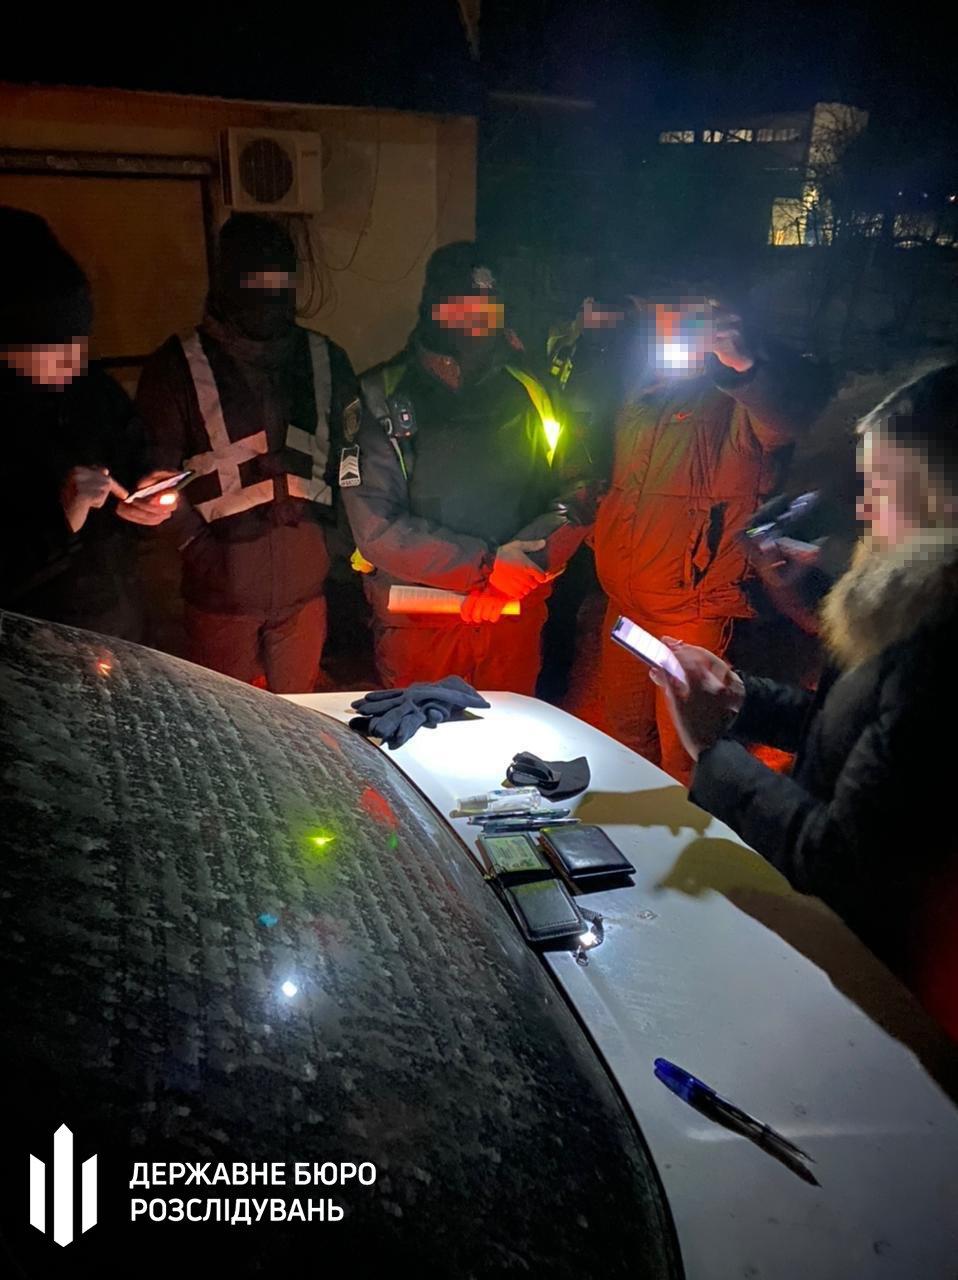 Збут відомостей про осіб та транспортні засоби — ДБР затримало «на гарячому» поліцейського Хмельниччини, фото-3